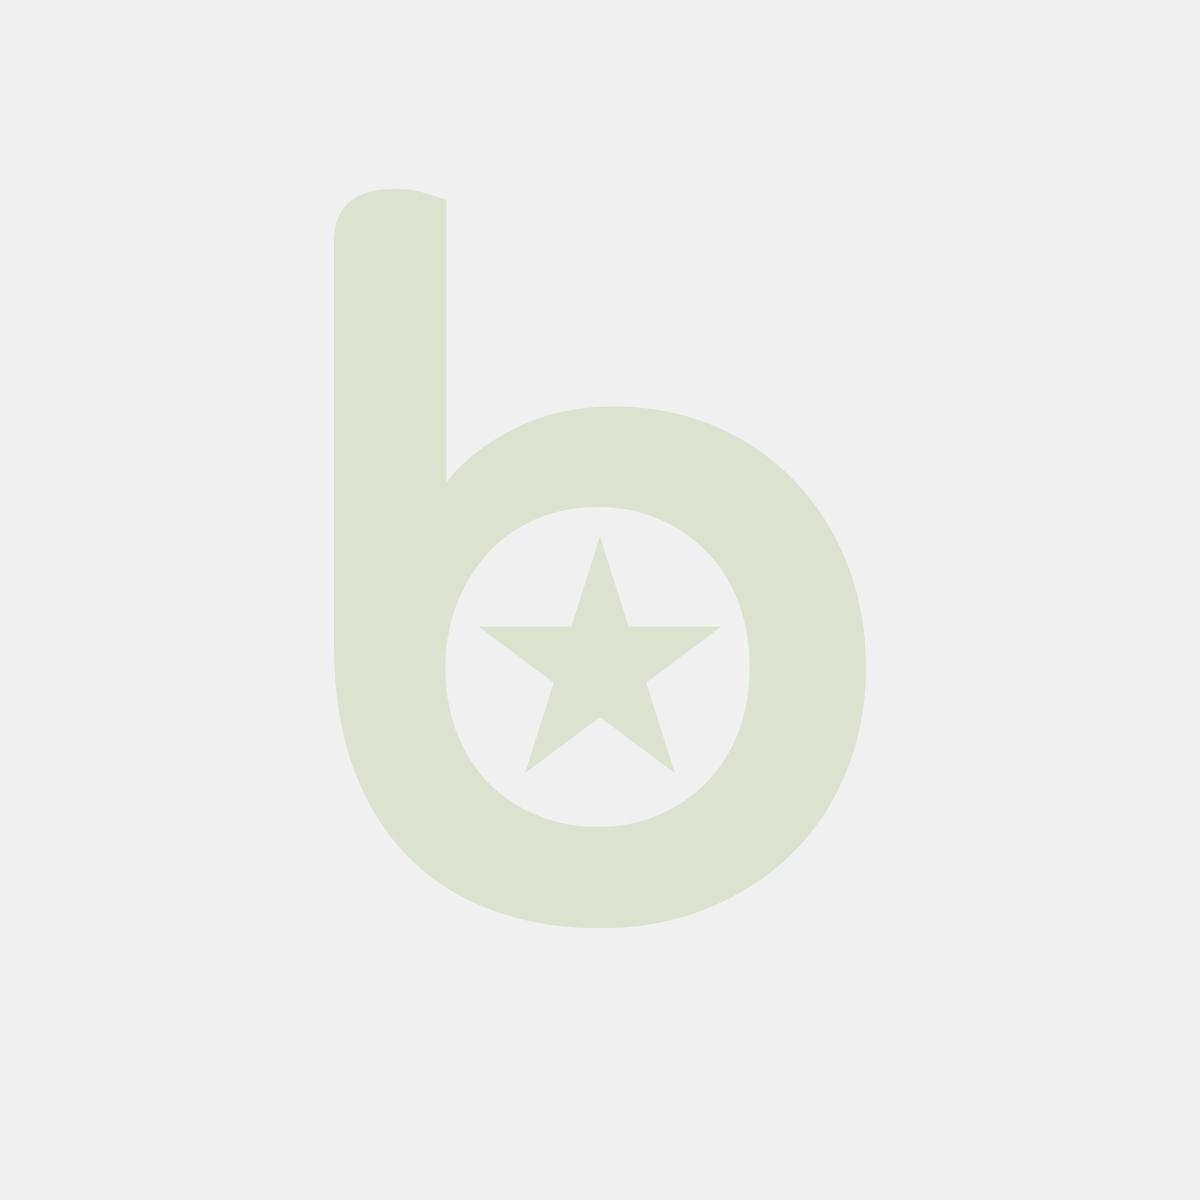 Tablica suchościeralna BI-OFFICE, 60x40cm, lakierowana, kolorowe ramy